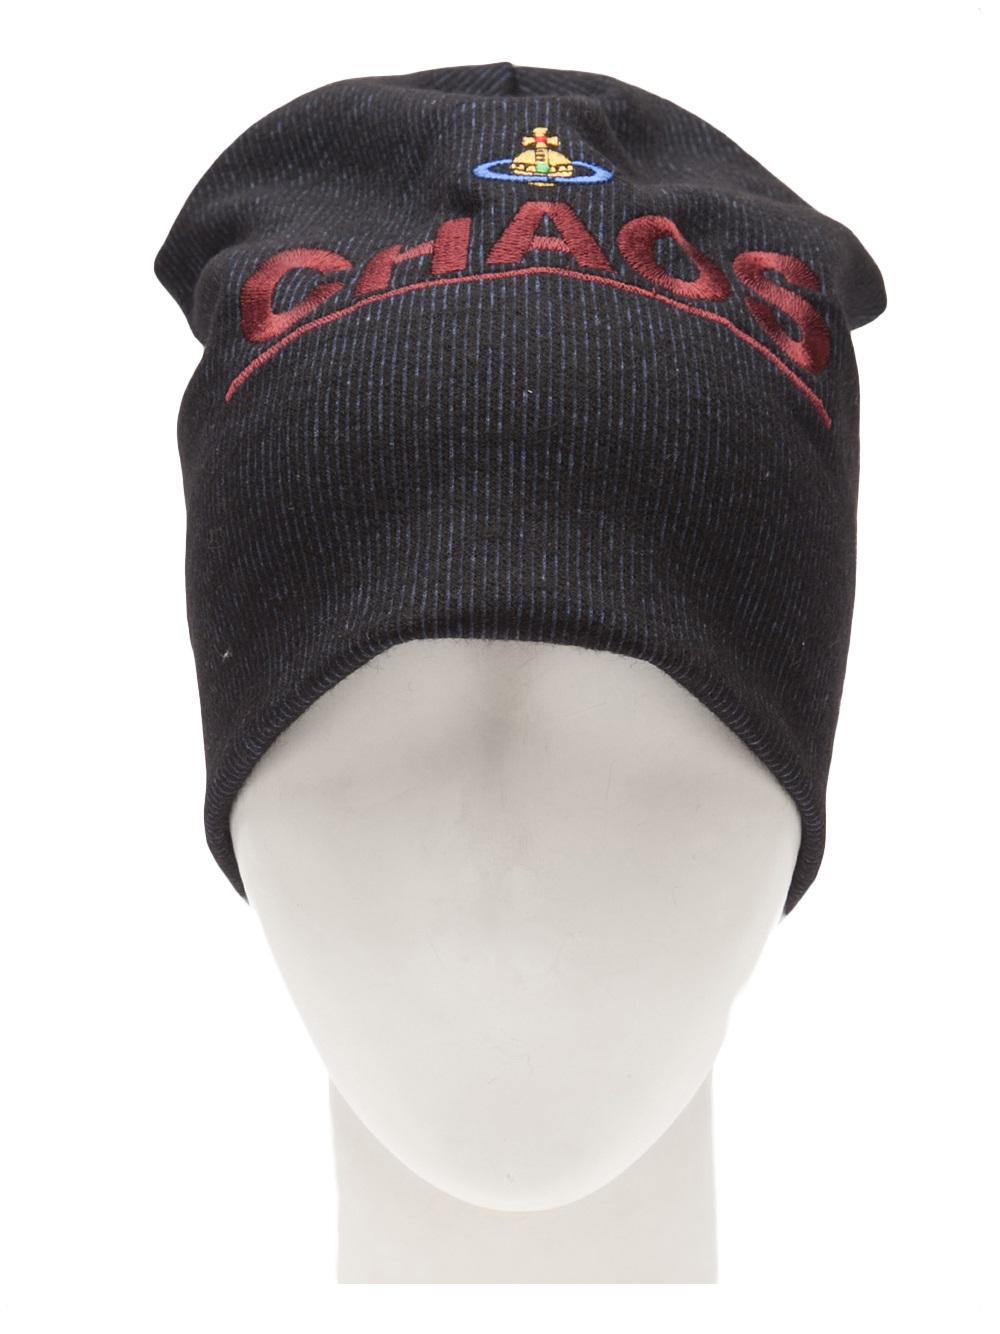 Lyst - Vivienne Westwood Chaos Hat in Black e5400ee71ee3